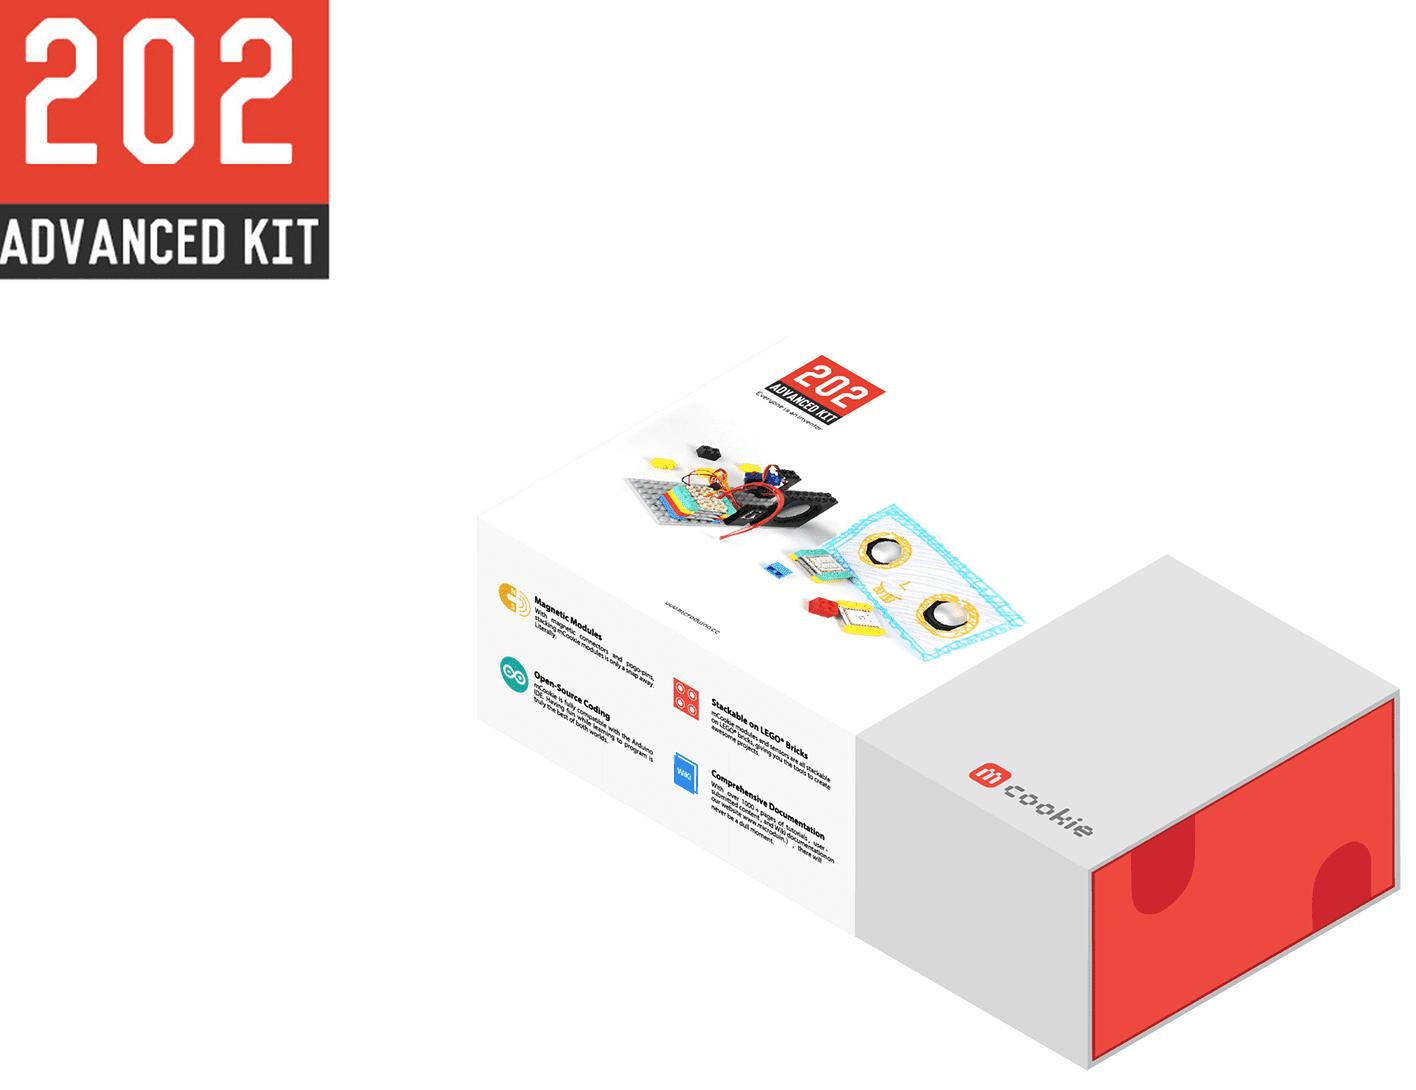 microduino mcookie packaging - Microduino